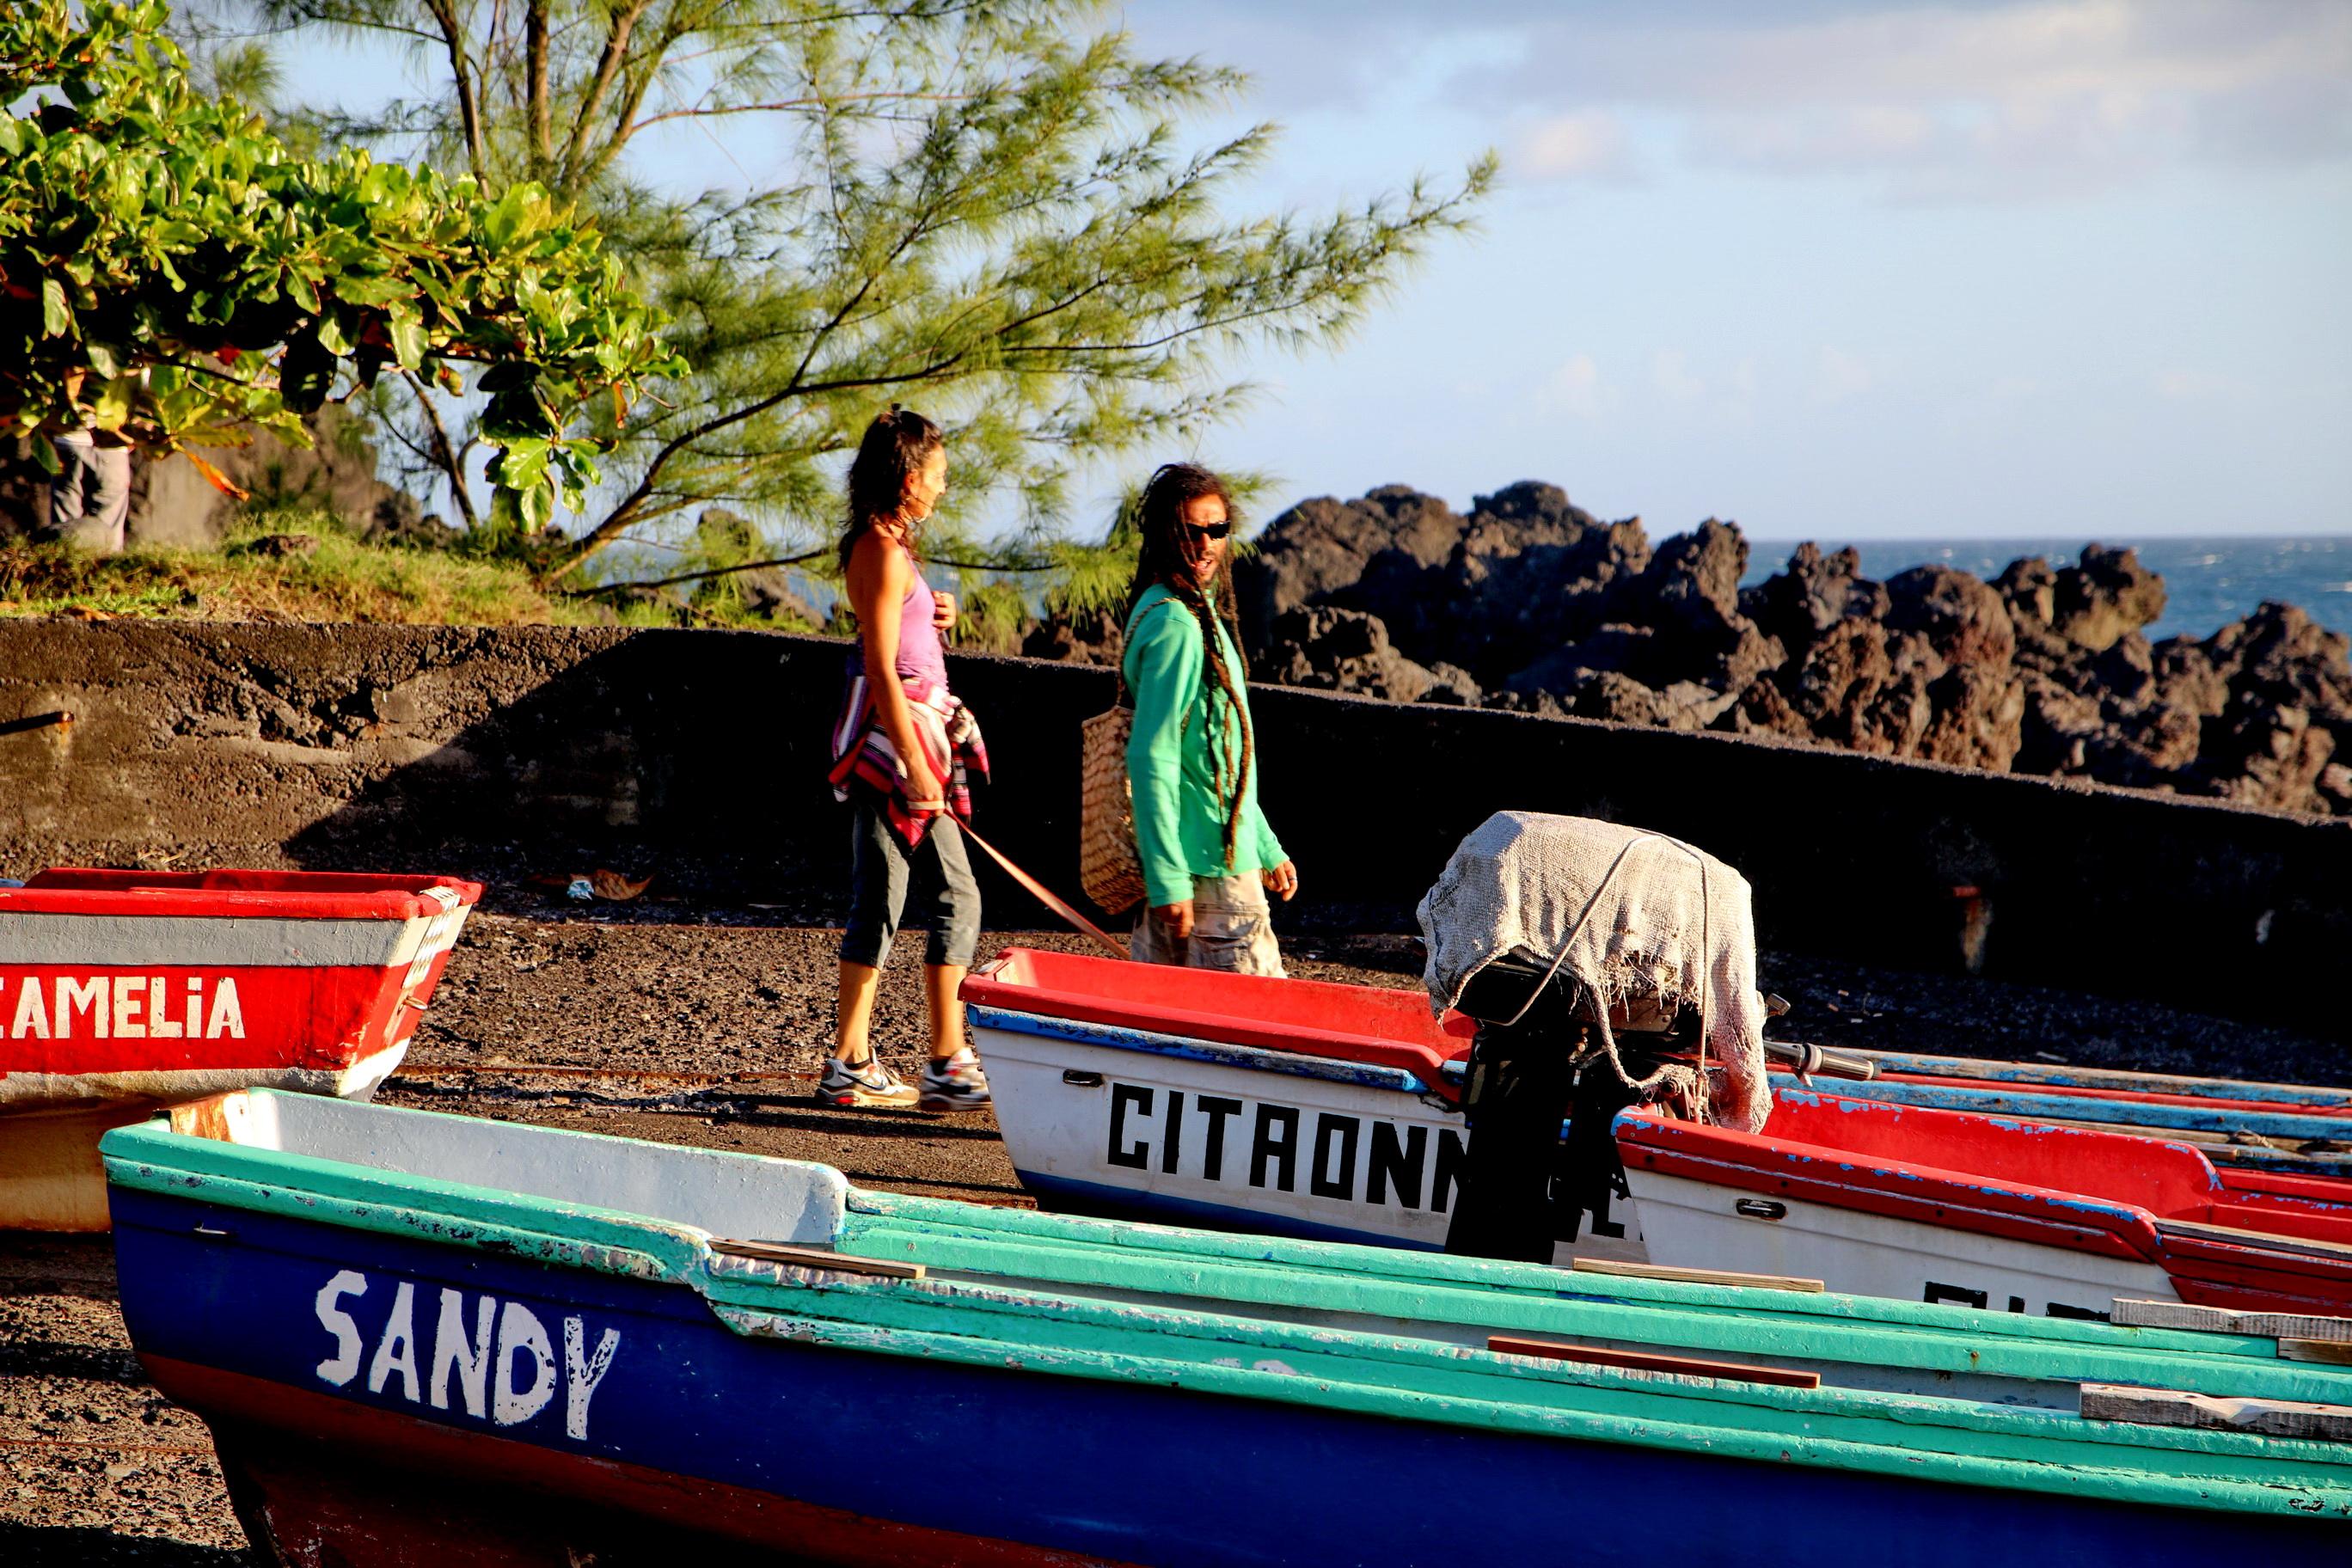 [Vie des ports] Les ports de la Réunion - Page 4 118557capmchantlangevin135